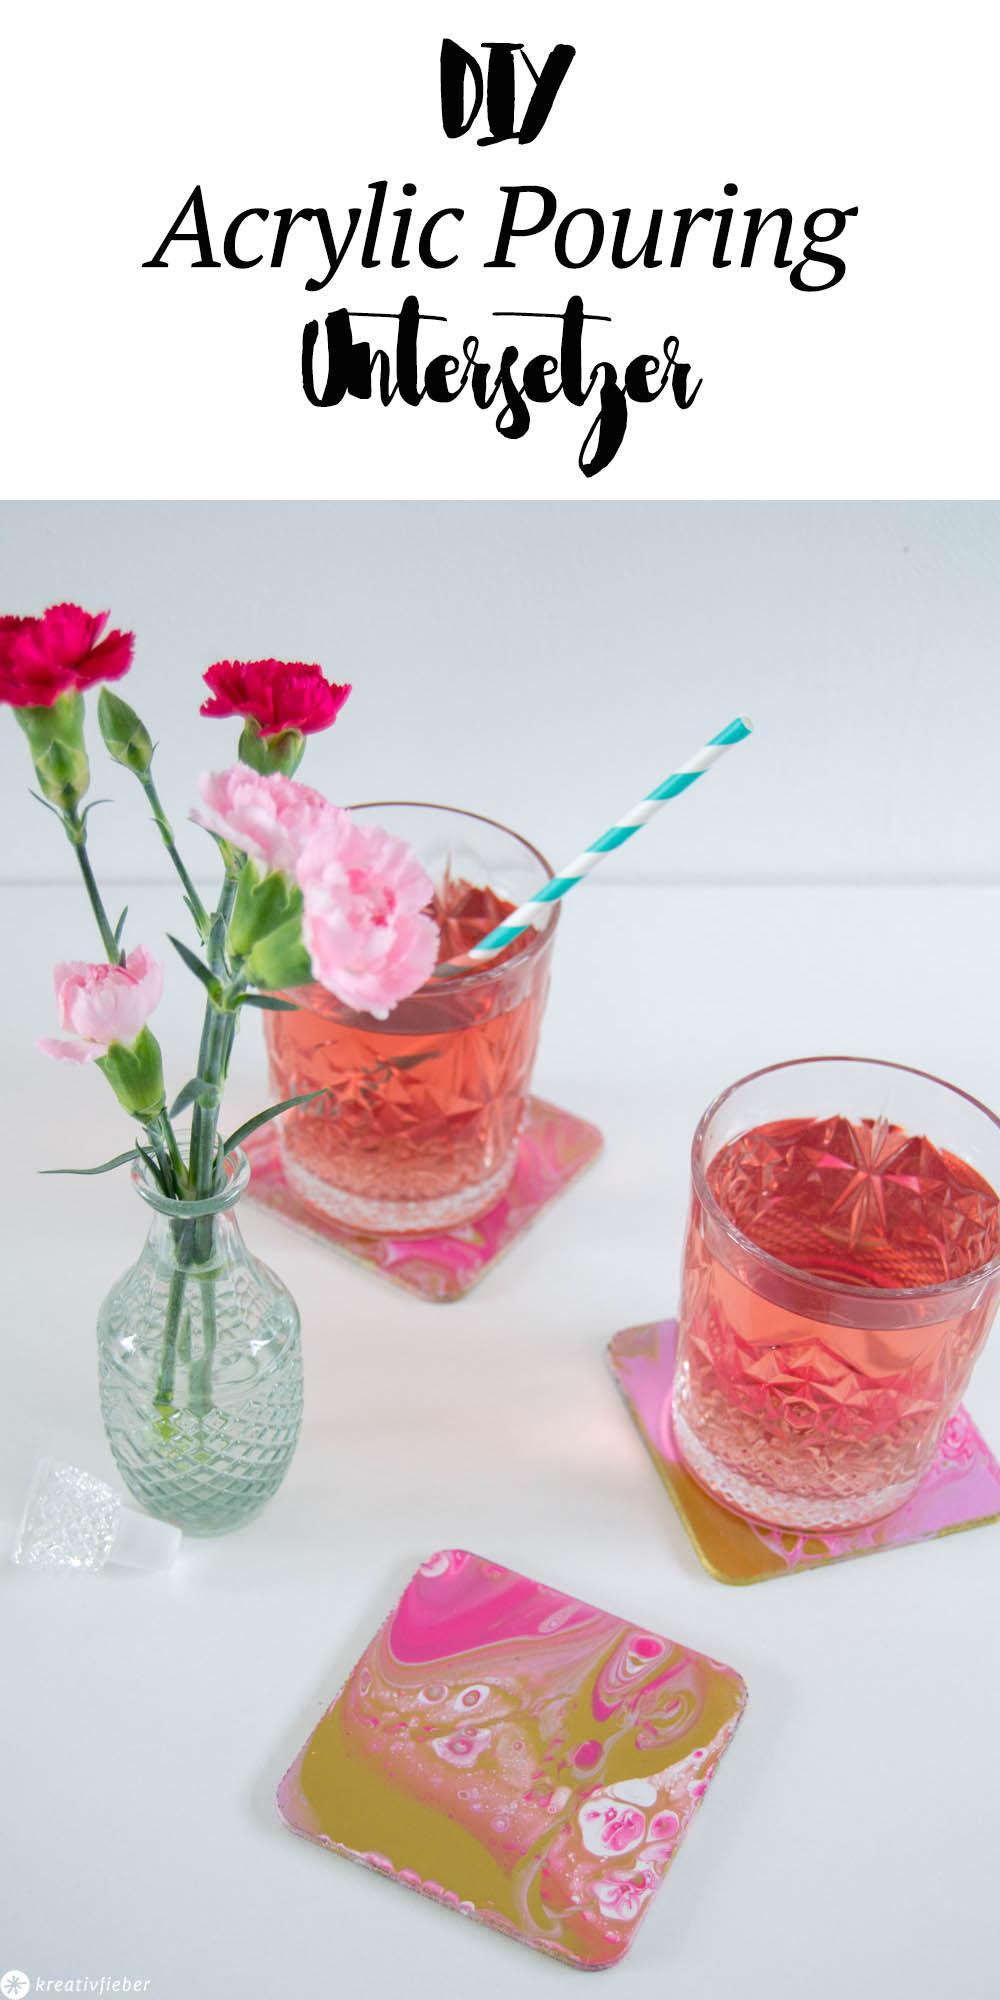 Untersetzer mit Acrylic Pouring verschönern